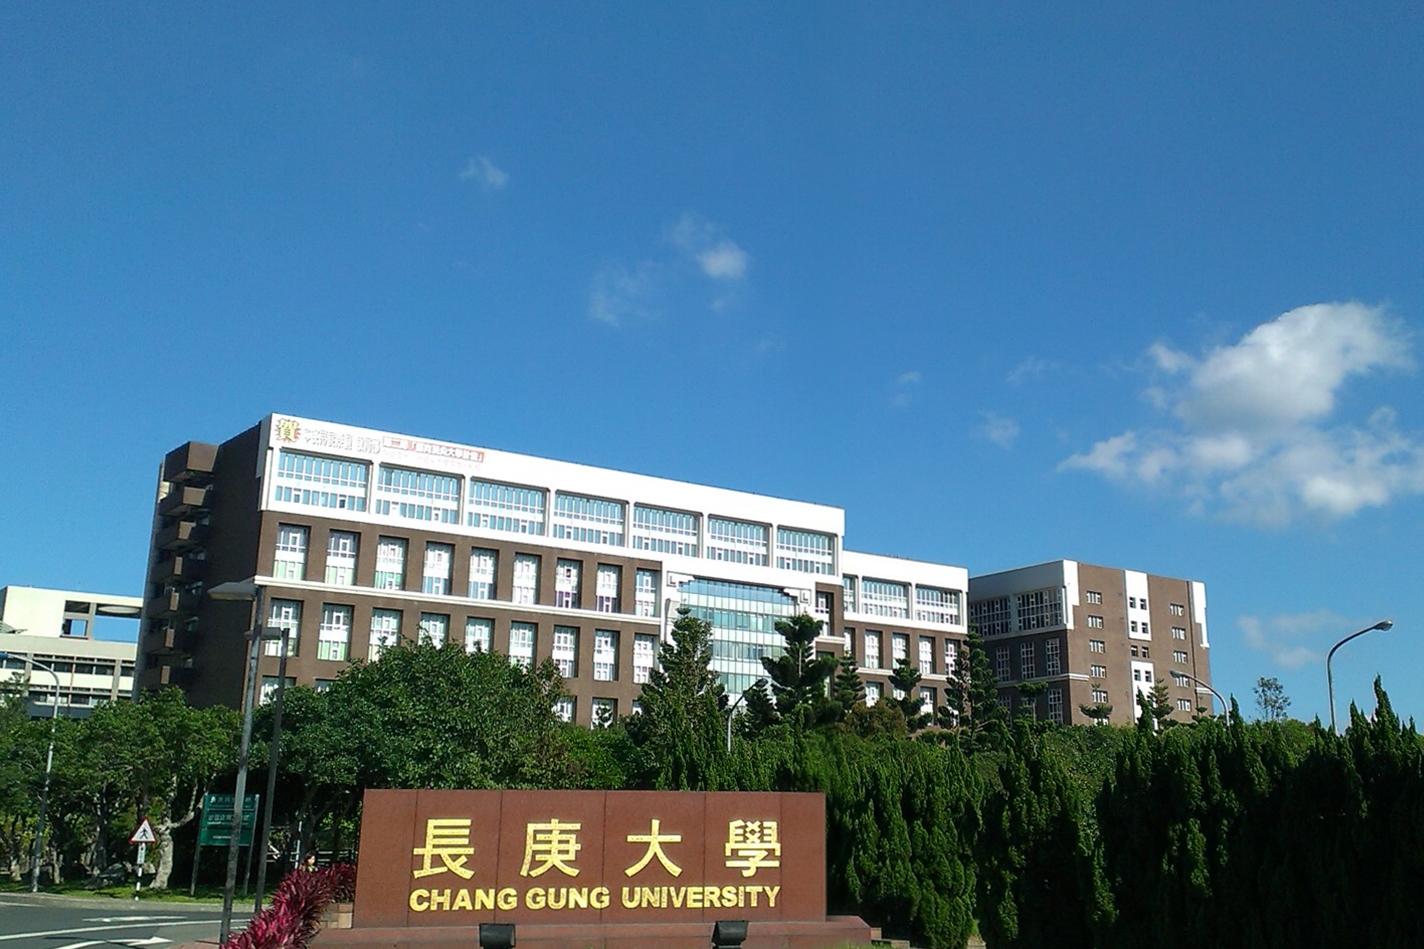 長庚大學雙喜臨門! 世界大學排名大躍進  管理學院通過AACSB國際認證-上海軟科